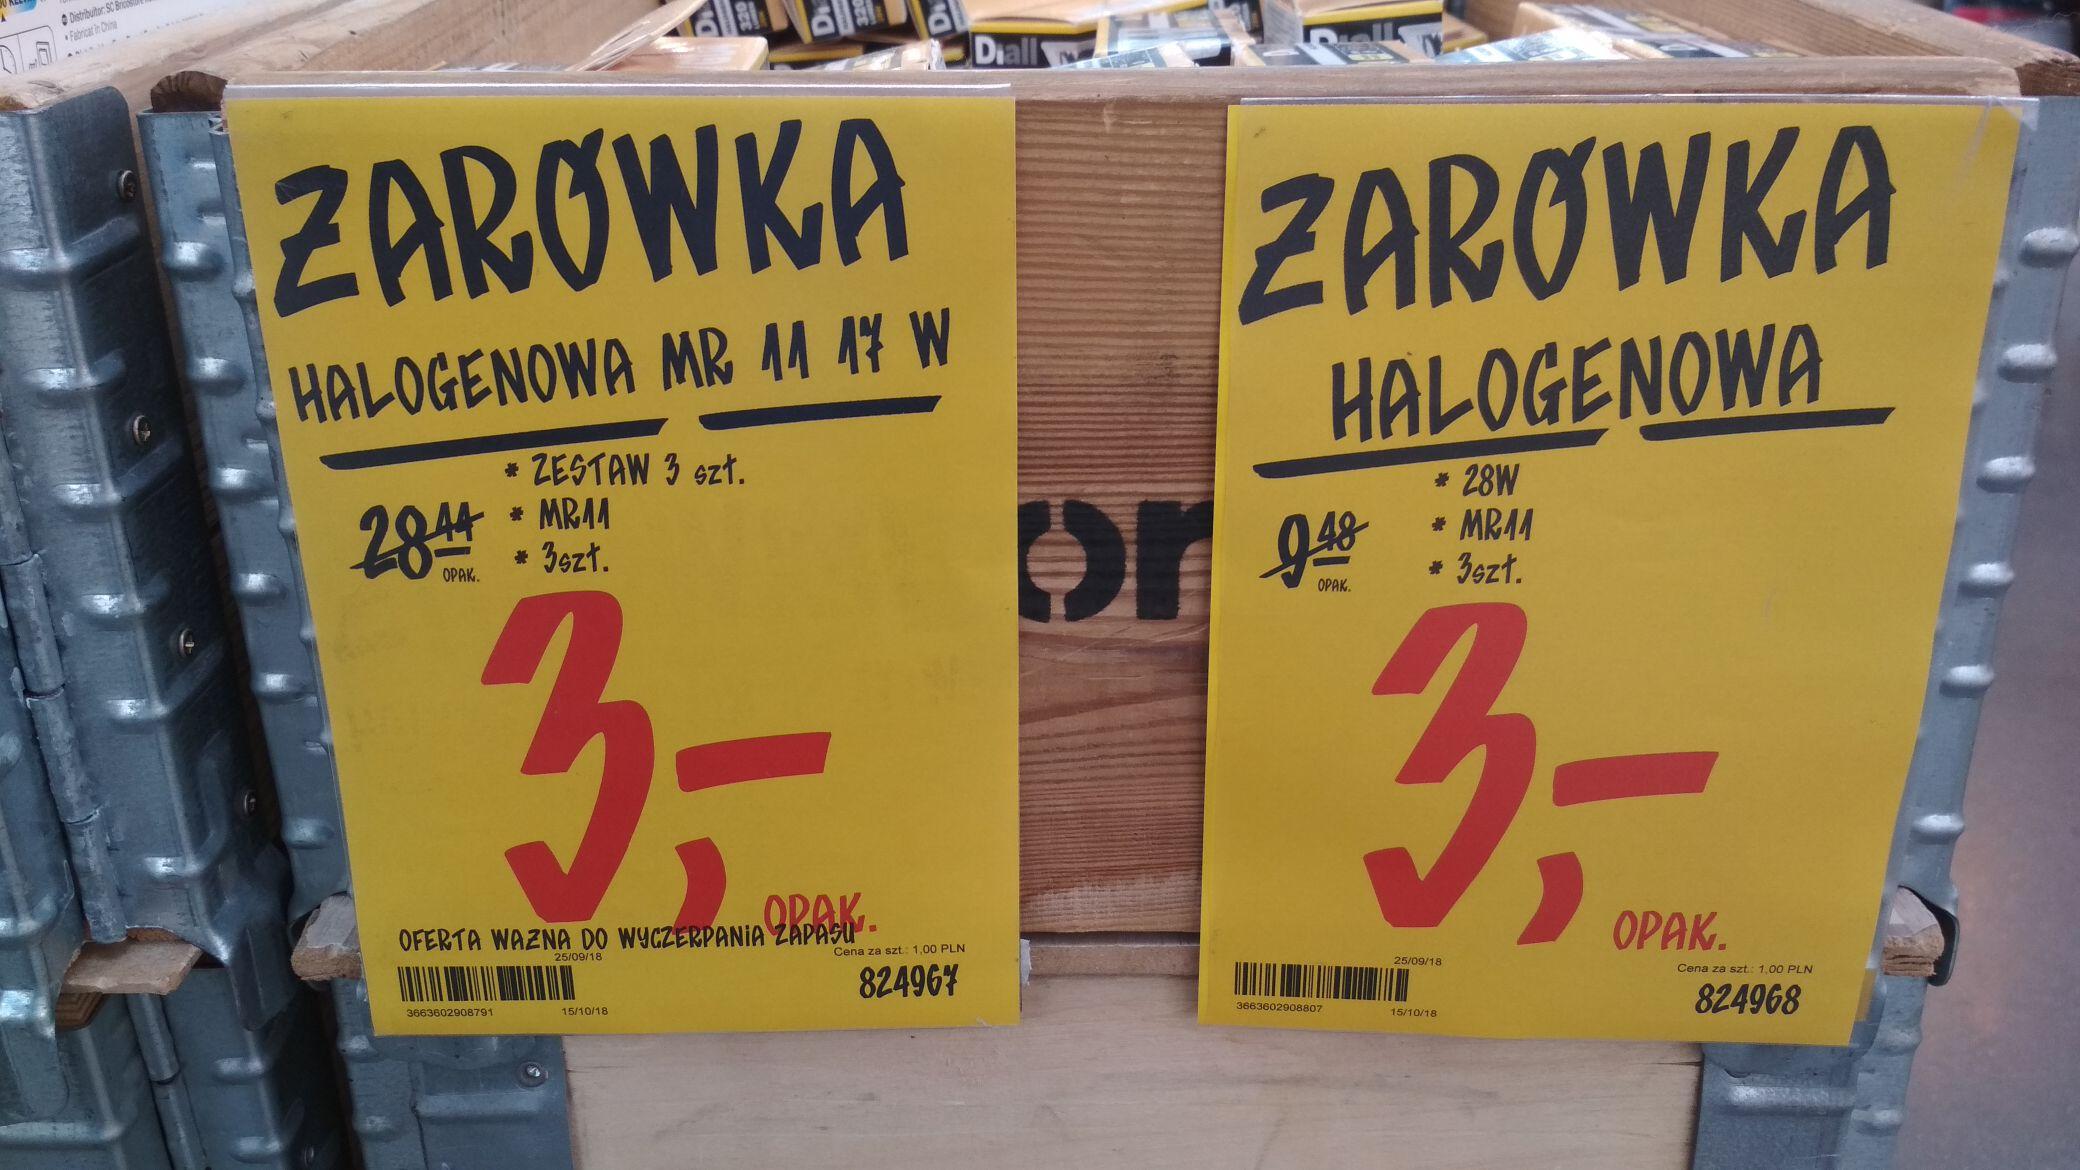 1zł za żarówkę halogenową mr 11 i inne za niską cenę!